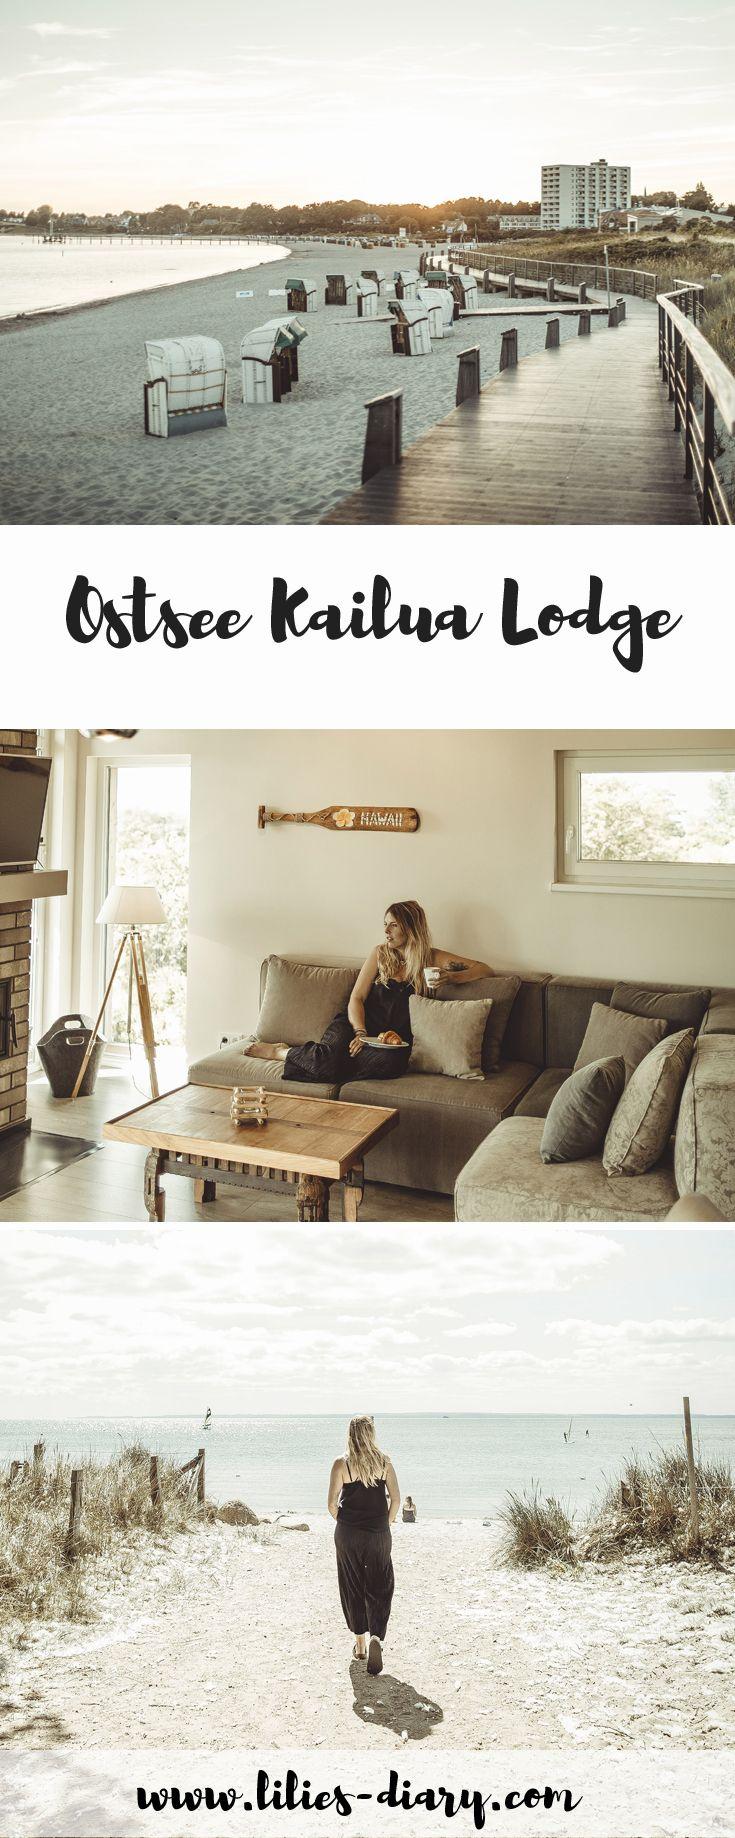 Hawaii an der Ostsee in der Kailua Lodge! lilies-diary.com Reisetipps für die Ostsee. RADFAHREN ENTLANG DES OSTSEEKÜSTENRADWEGES KANUFAHREN AUF DER SCHWENTINE HAWAIIANISCHES OSTSEEFEELING IN DER KAILUA LODGE TAND UP PADDLING BEI SAIL&SURF STEILUFER VON BRODTEN – DAS AKTIVE KLIFF EIN BETT IM STRANDKORB – SCHLAFEN UNTER FREIEM HIMMEL Urlaub an der Ostsee kann so abwechslungsreich sein. Für Radfahrer, Familien und Natzurliebhaber. Mehr dazu --> lilies-diary.com